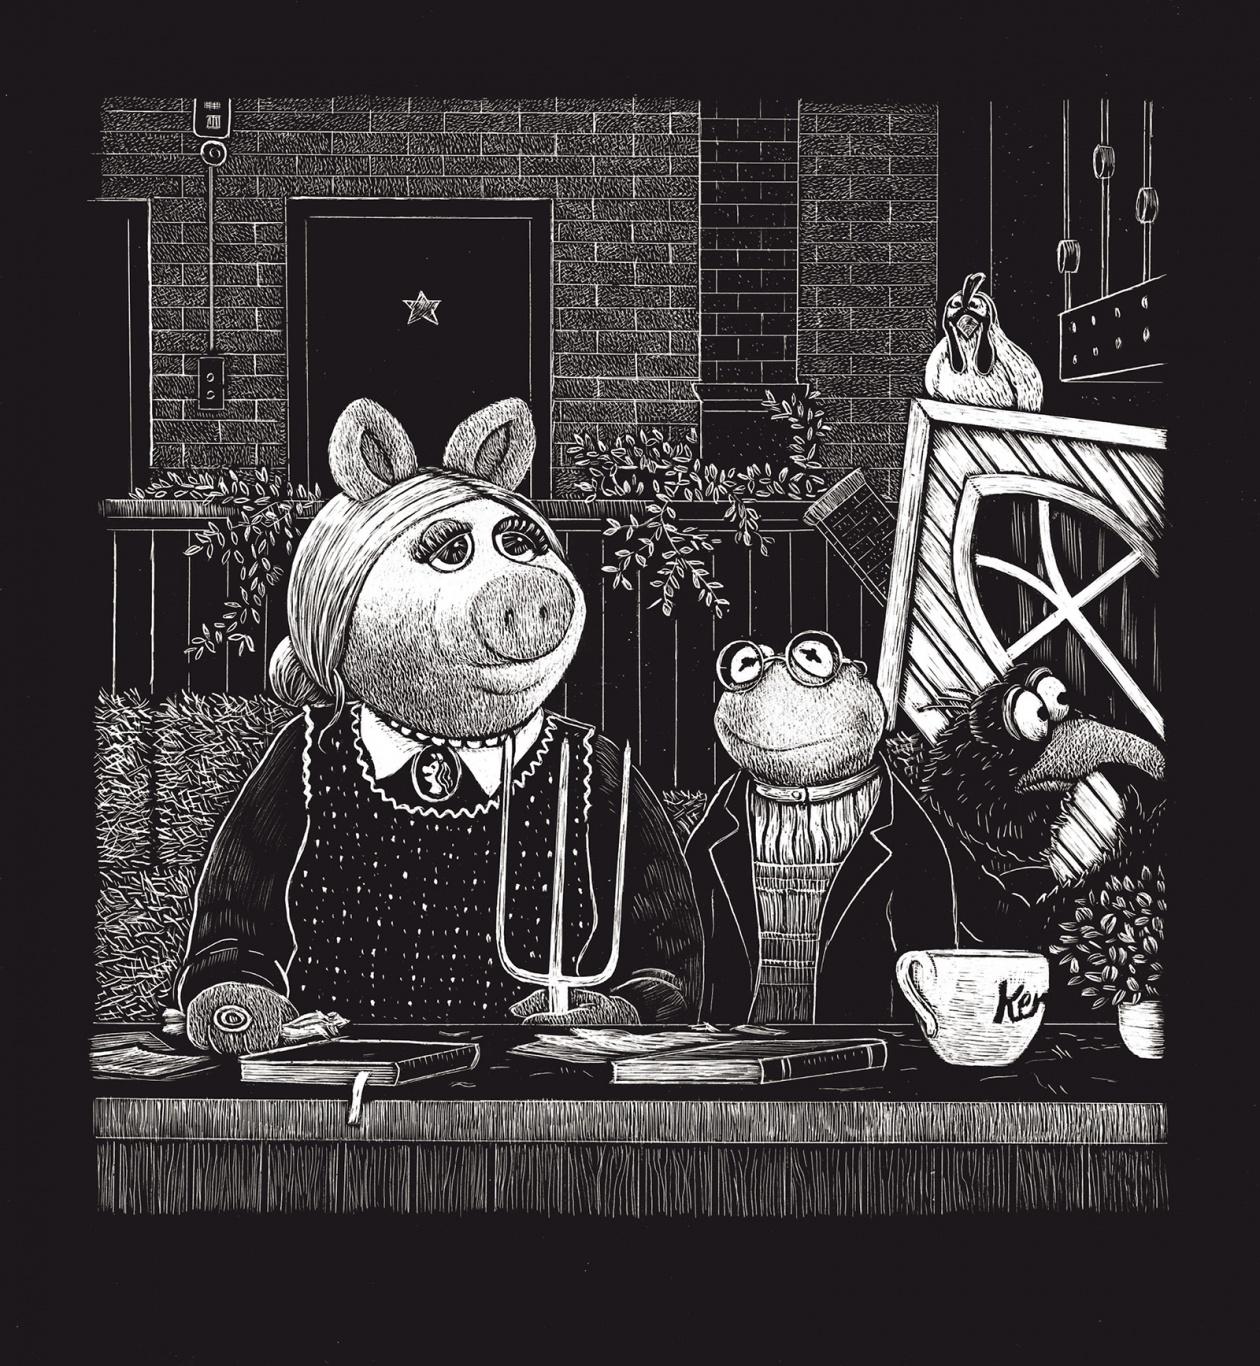 Illustration von Line Hoven zum Thema Paargespräche Miss Piggy und Kermit